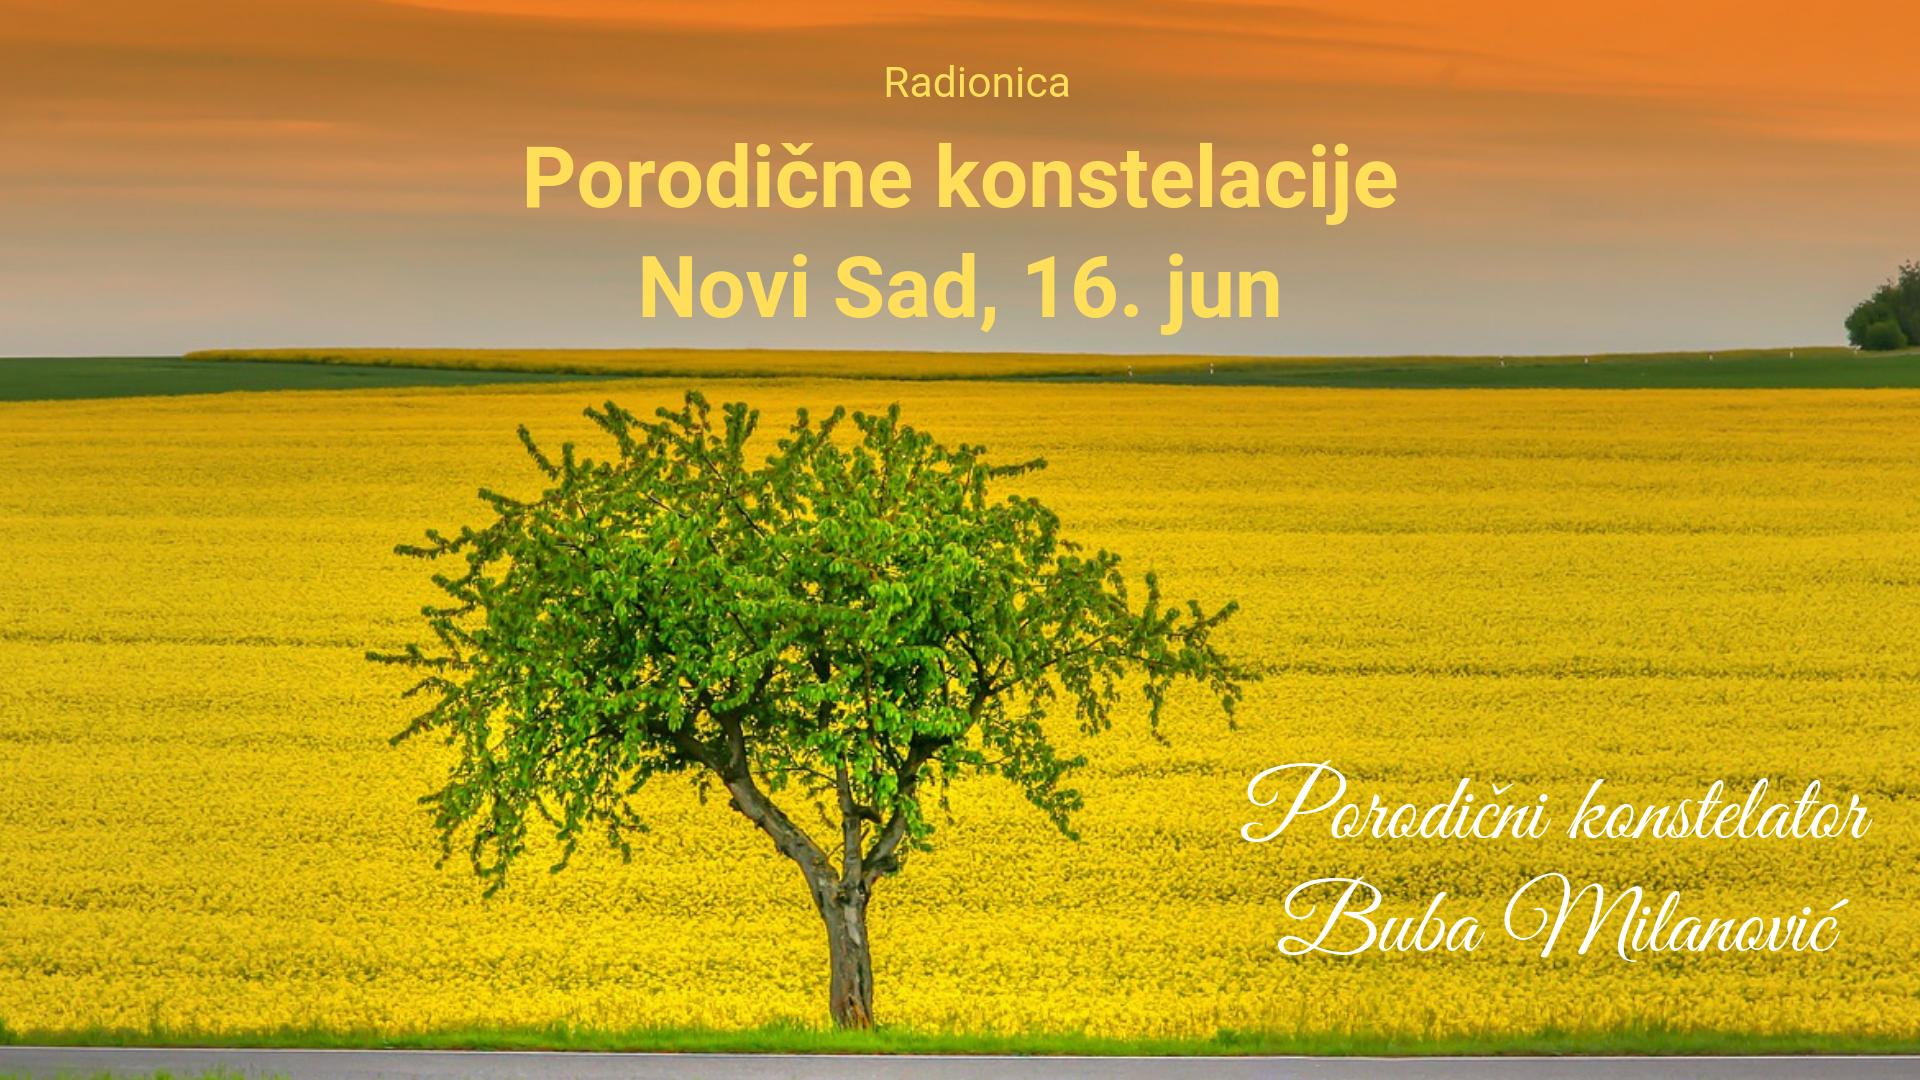 Porodične konstelacije Novi Sad, 16. jun